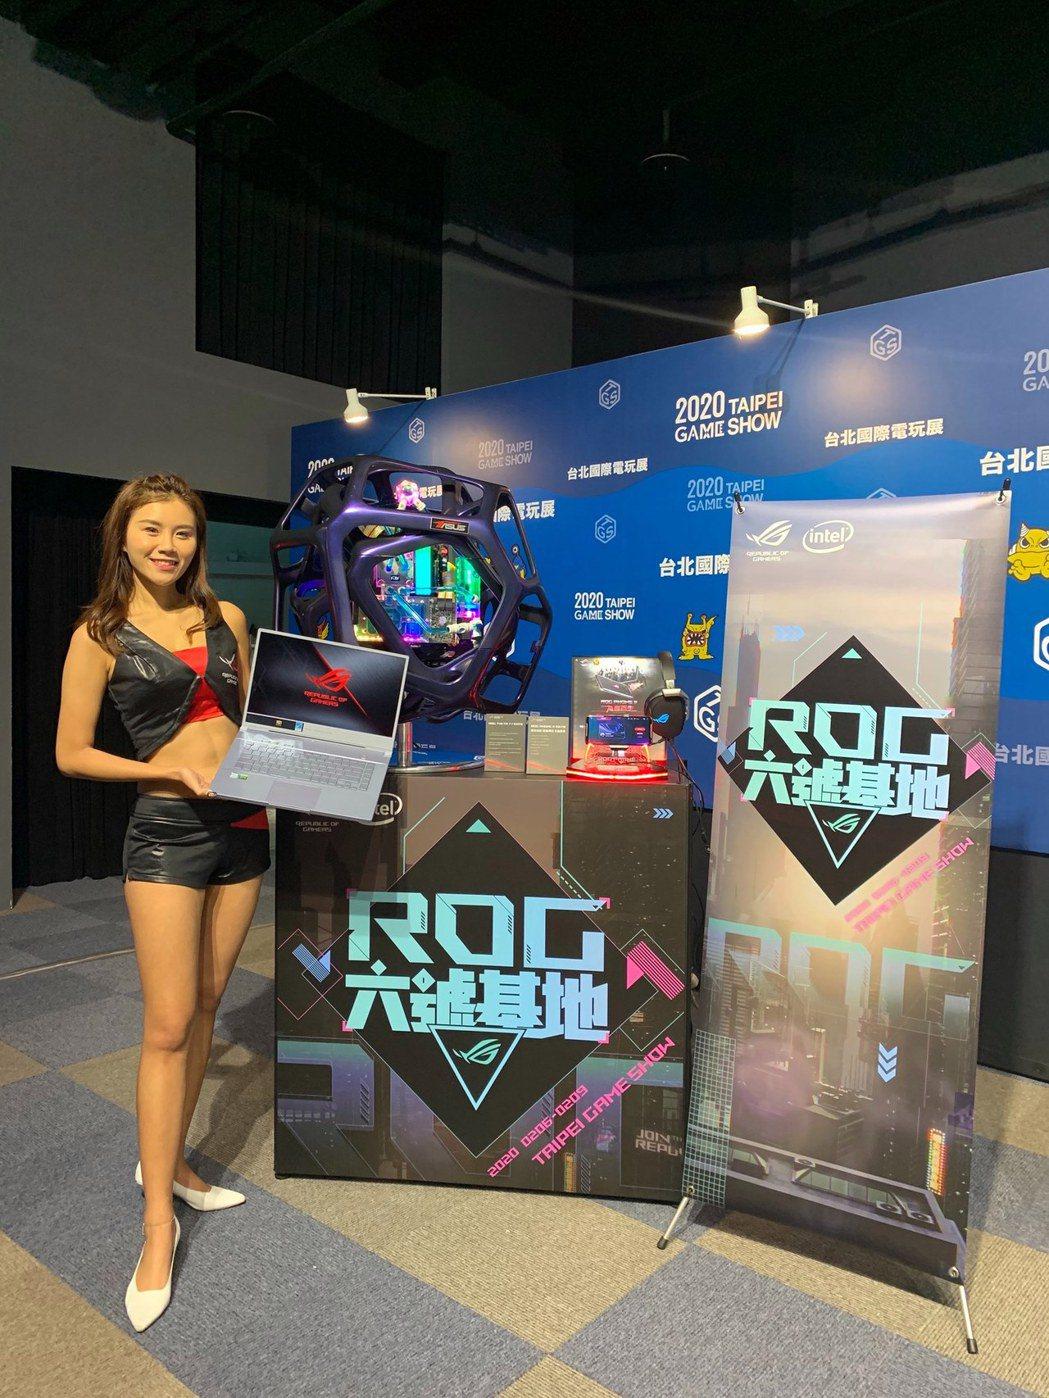 華碩旗下電競品牌ROG,打造「六號基地」駐紮台北電玩展,搶占電競品牌最大規模。 ...